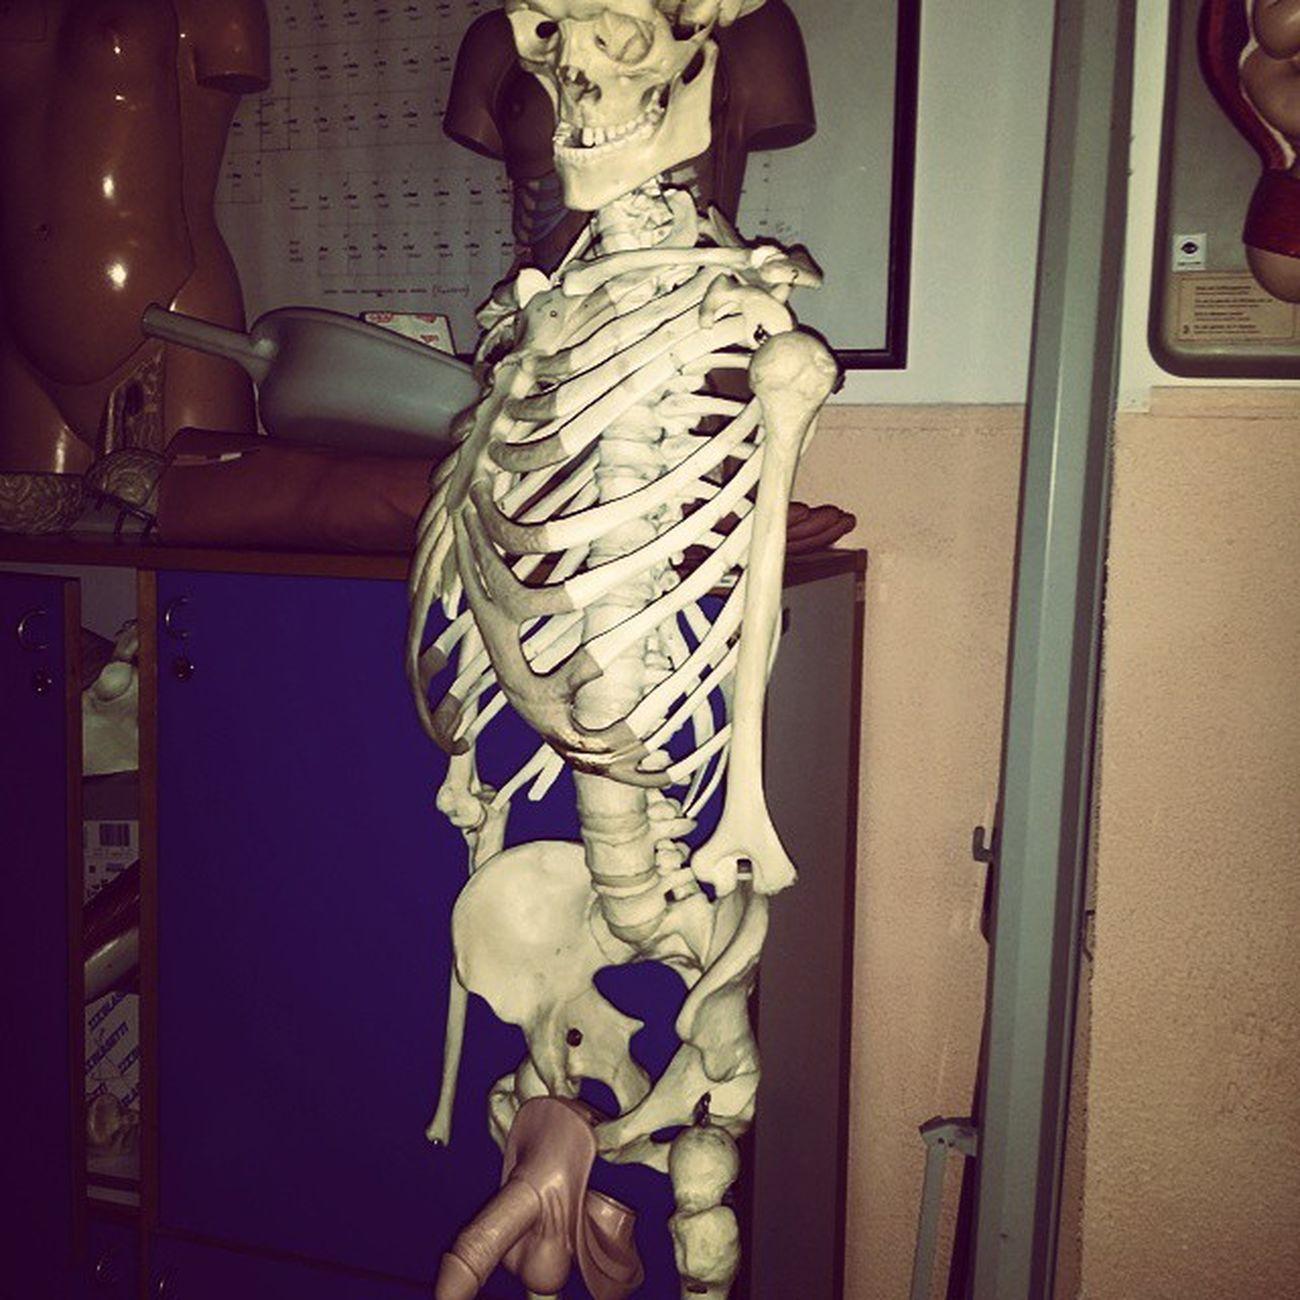 Scheletro porcello !! Scheletro Minchia Capocchia Brisolca Uccello Pisello Rome University Nurses Beautiful Wonderful Skeleton Maiale Porco